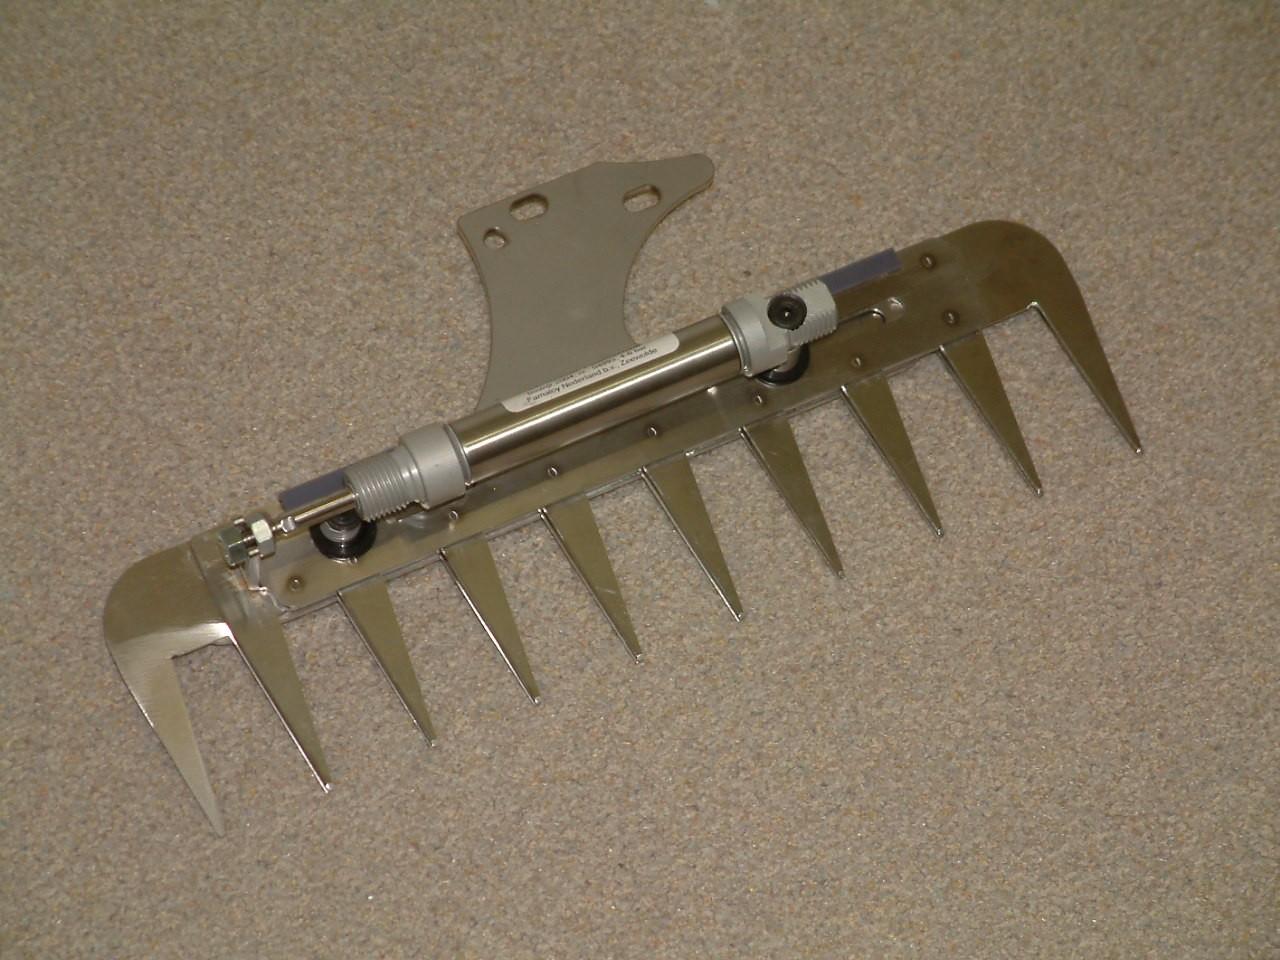 Patentschaar®  Kaak Knipmachine RVS 285 mm lang, steek 30 mm, 10 tanden